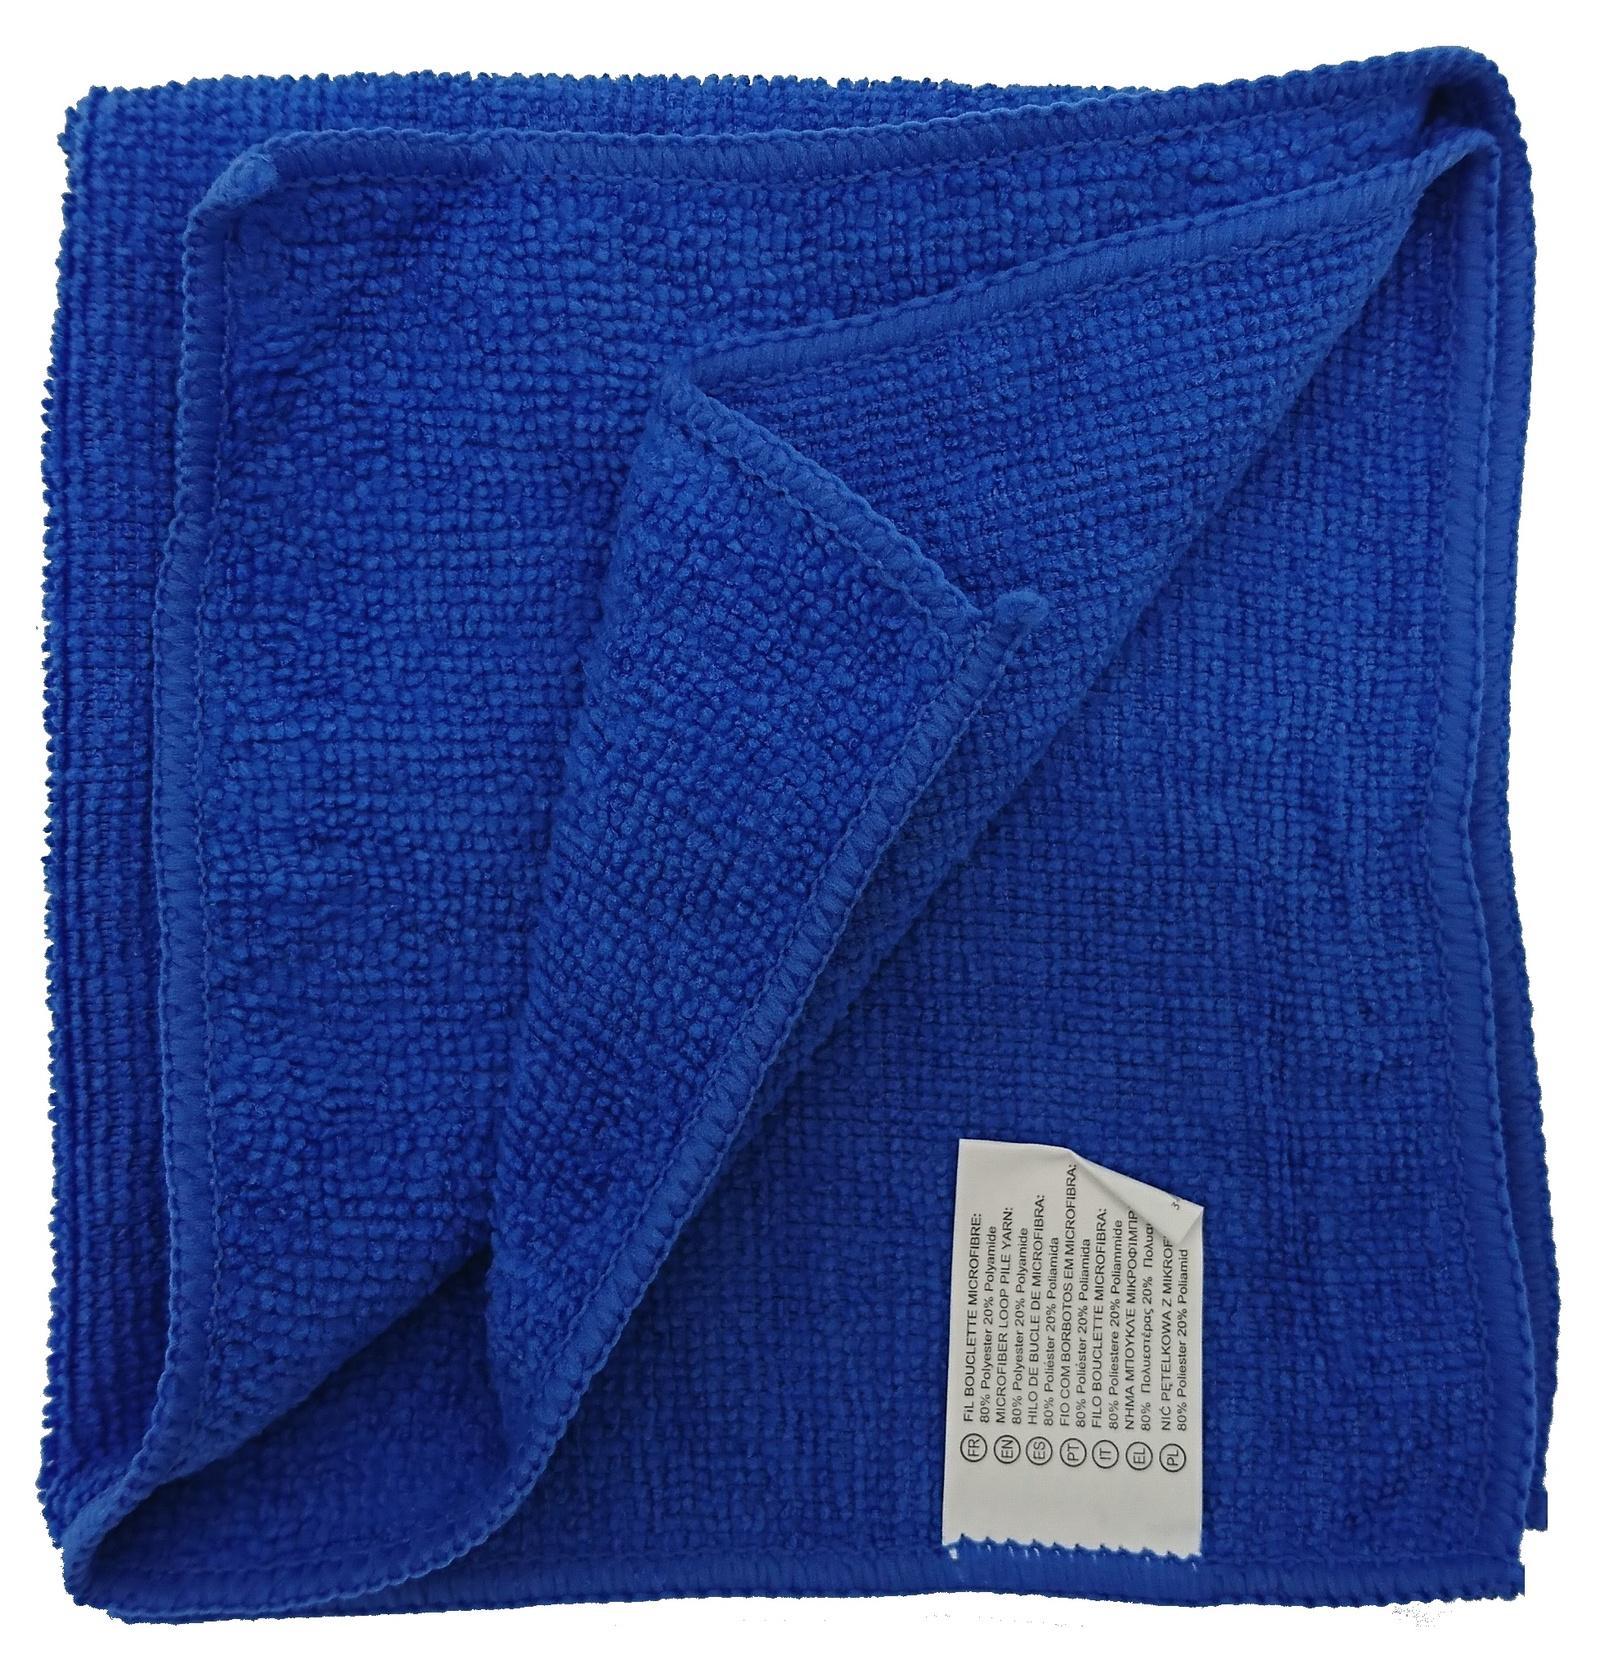 все цены на Салфетка универсальная микрофибра 35х35 см синяя, синий онлайн